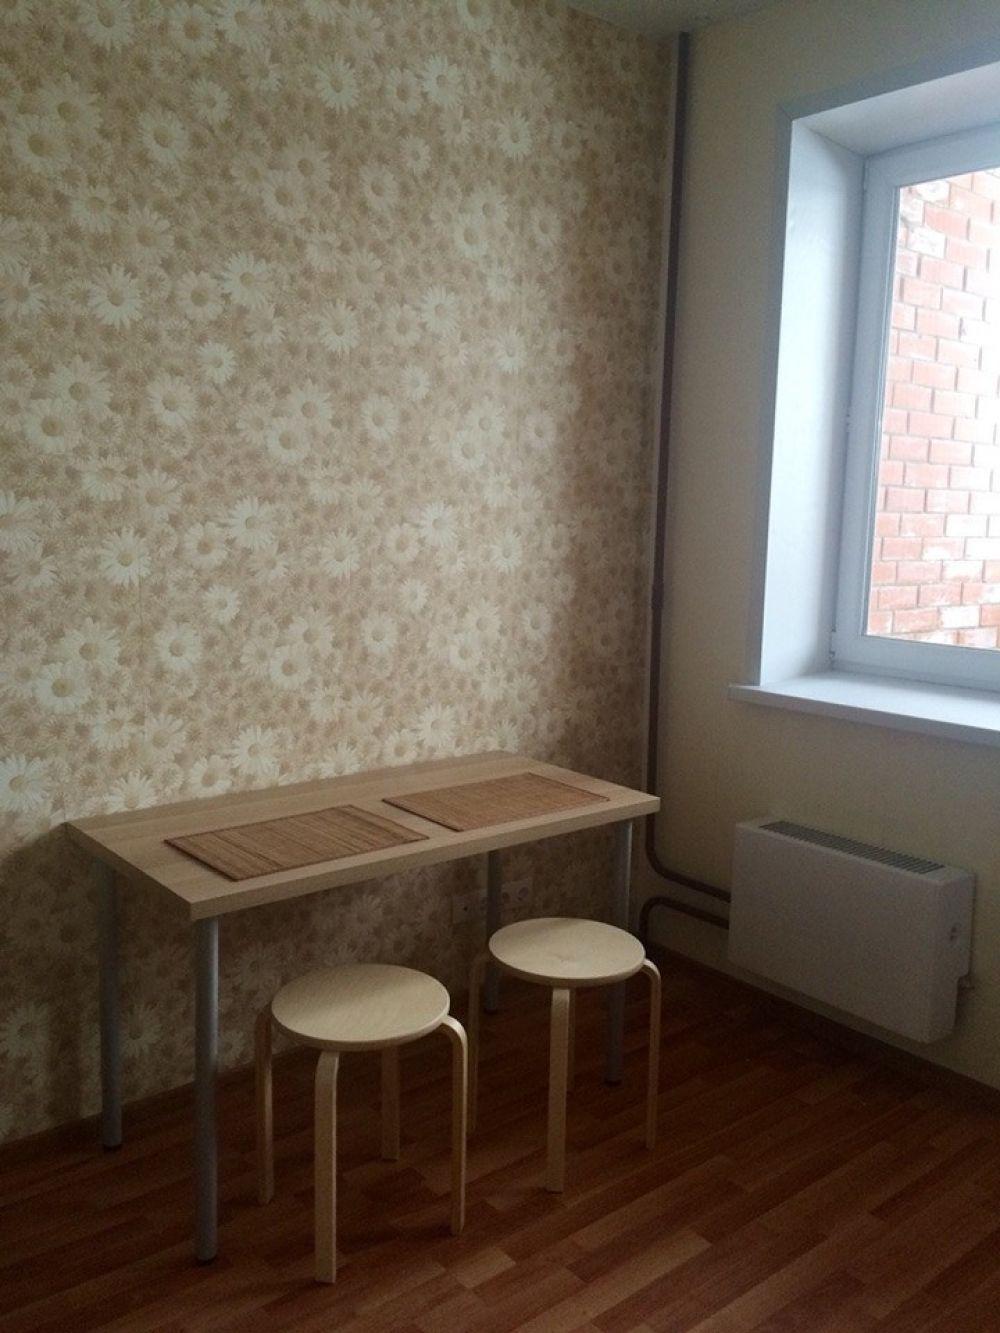 1-комнатная квартира п.Свердловский ЖК Лукино-Варино ул.Заречная д.7, фото 3